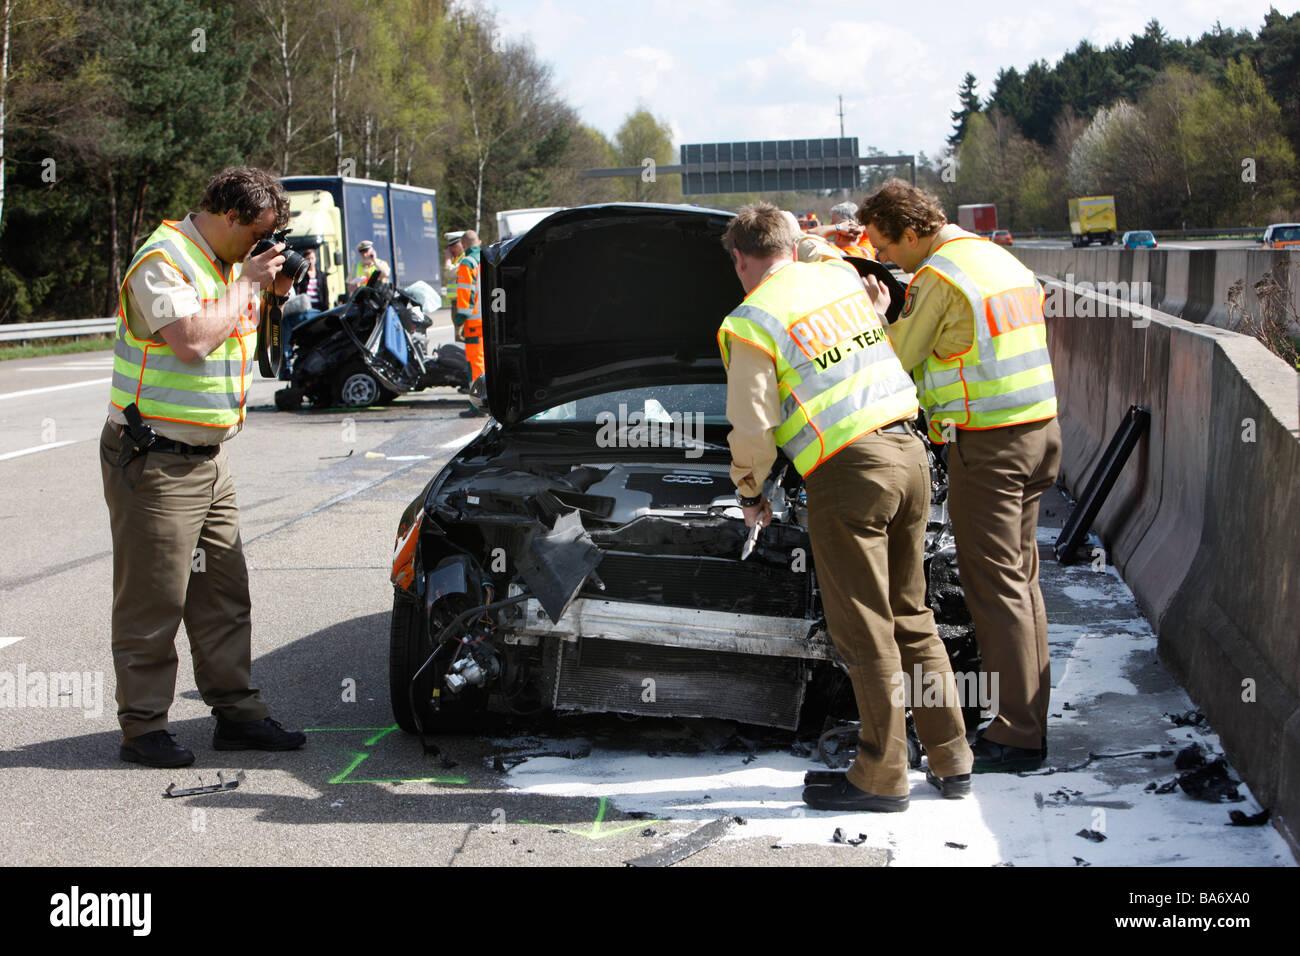 Il traffico pesante incidente sull'autostrada A1 a Leverkusen, Germania.  Speciale unità di polizia per la criminalità e la scena dell'incidente  inchiesta Foto stock - Alamy